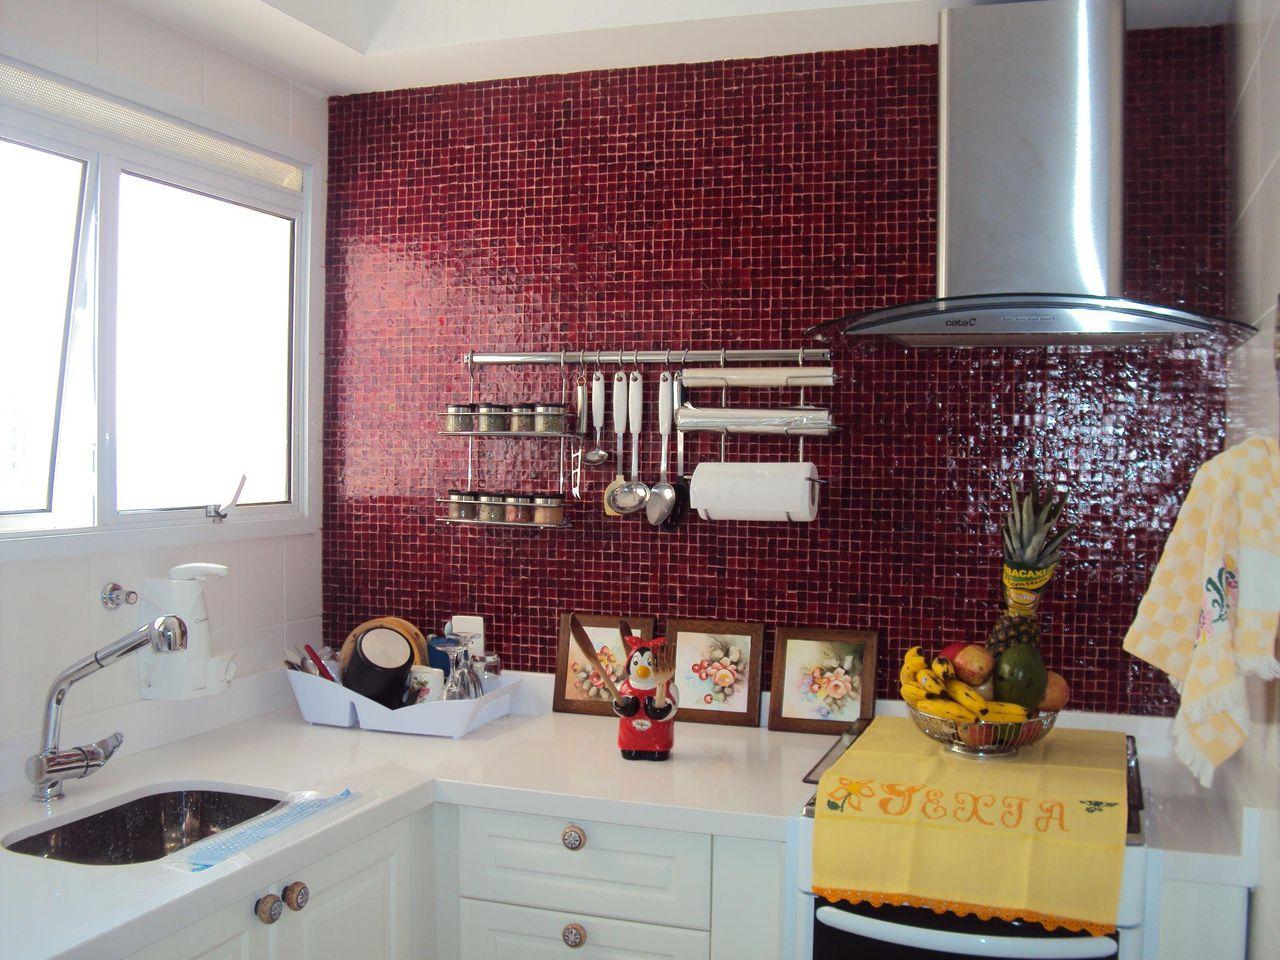 Cozinha Com Pastilhas Vermelhas De James James Fontes Tognasca  ~ Cozinha Decorada Com Pastilhas